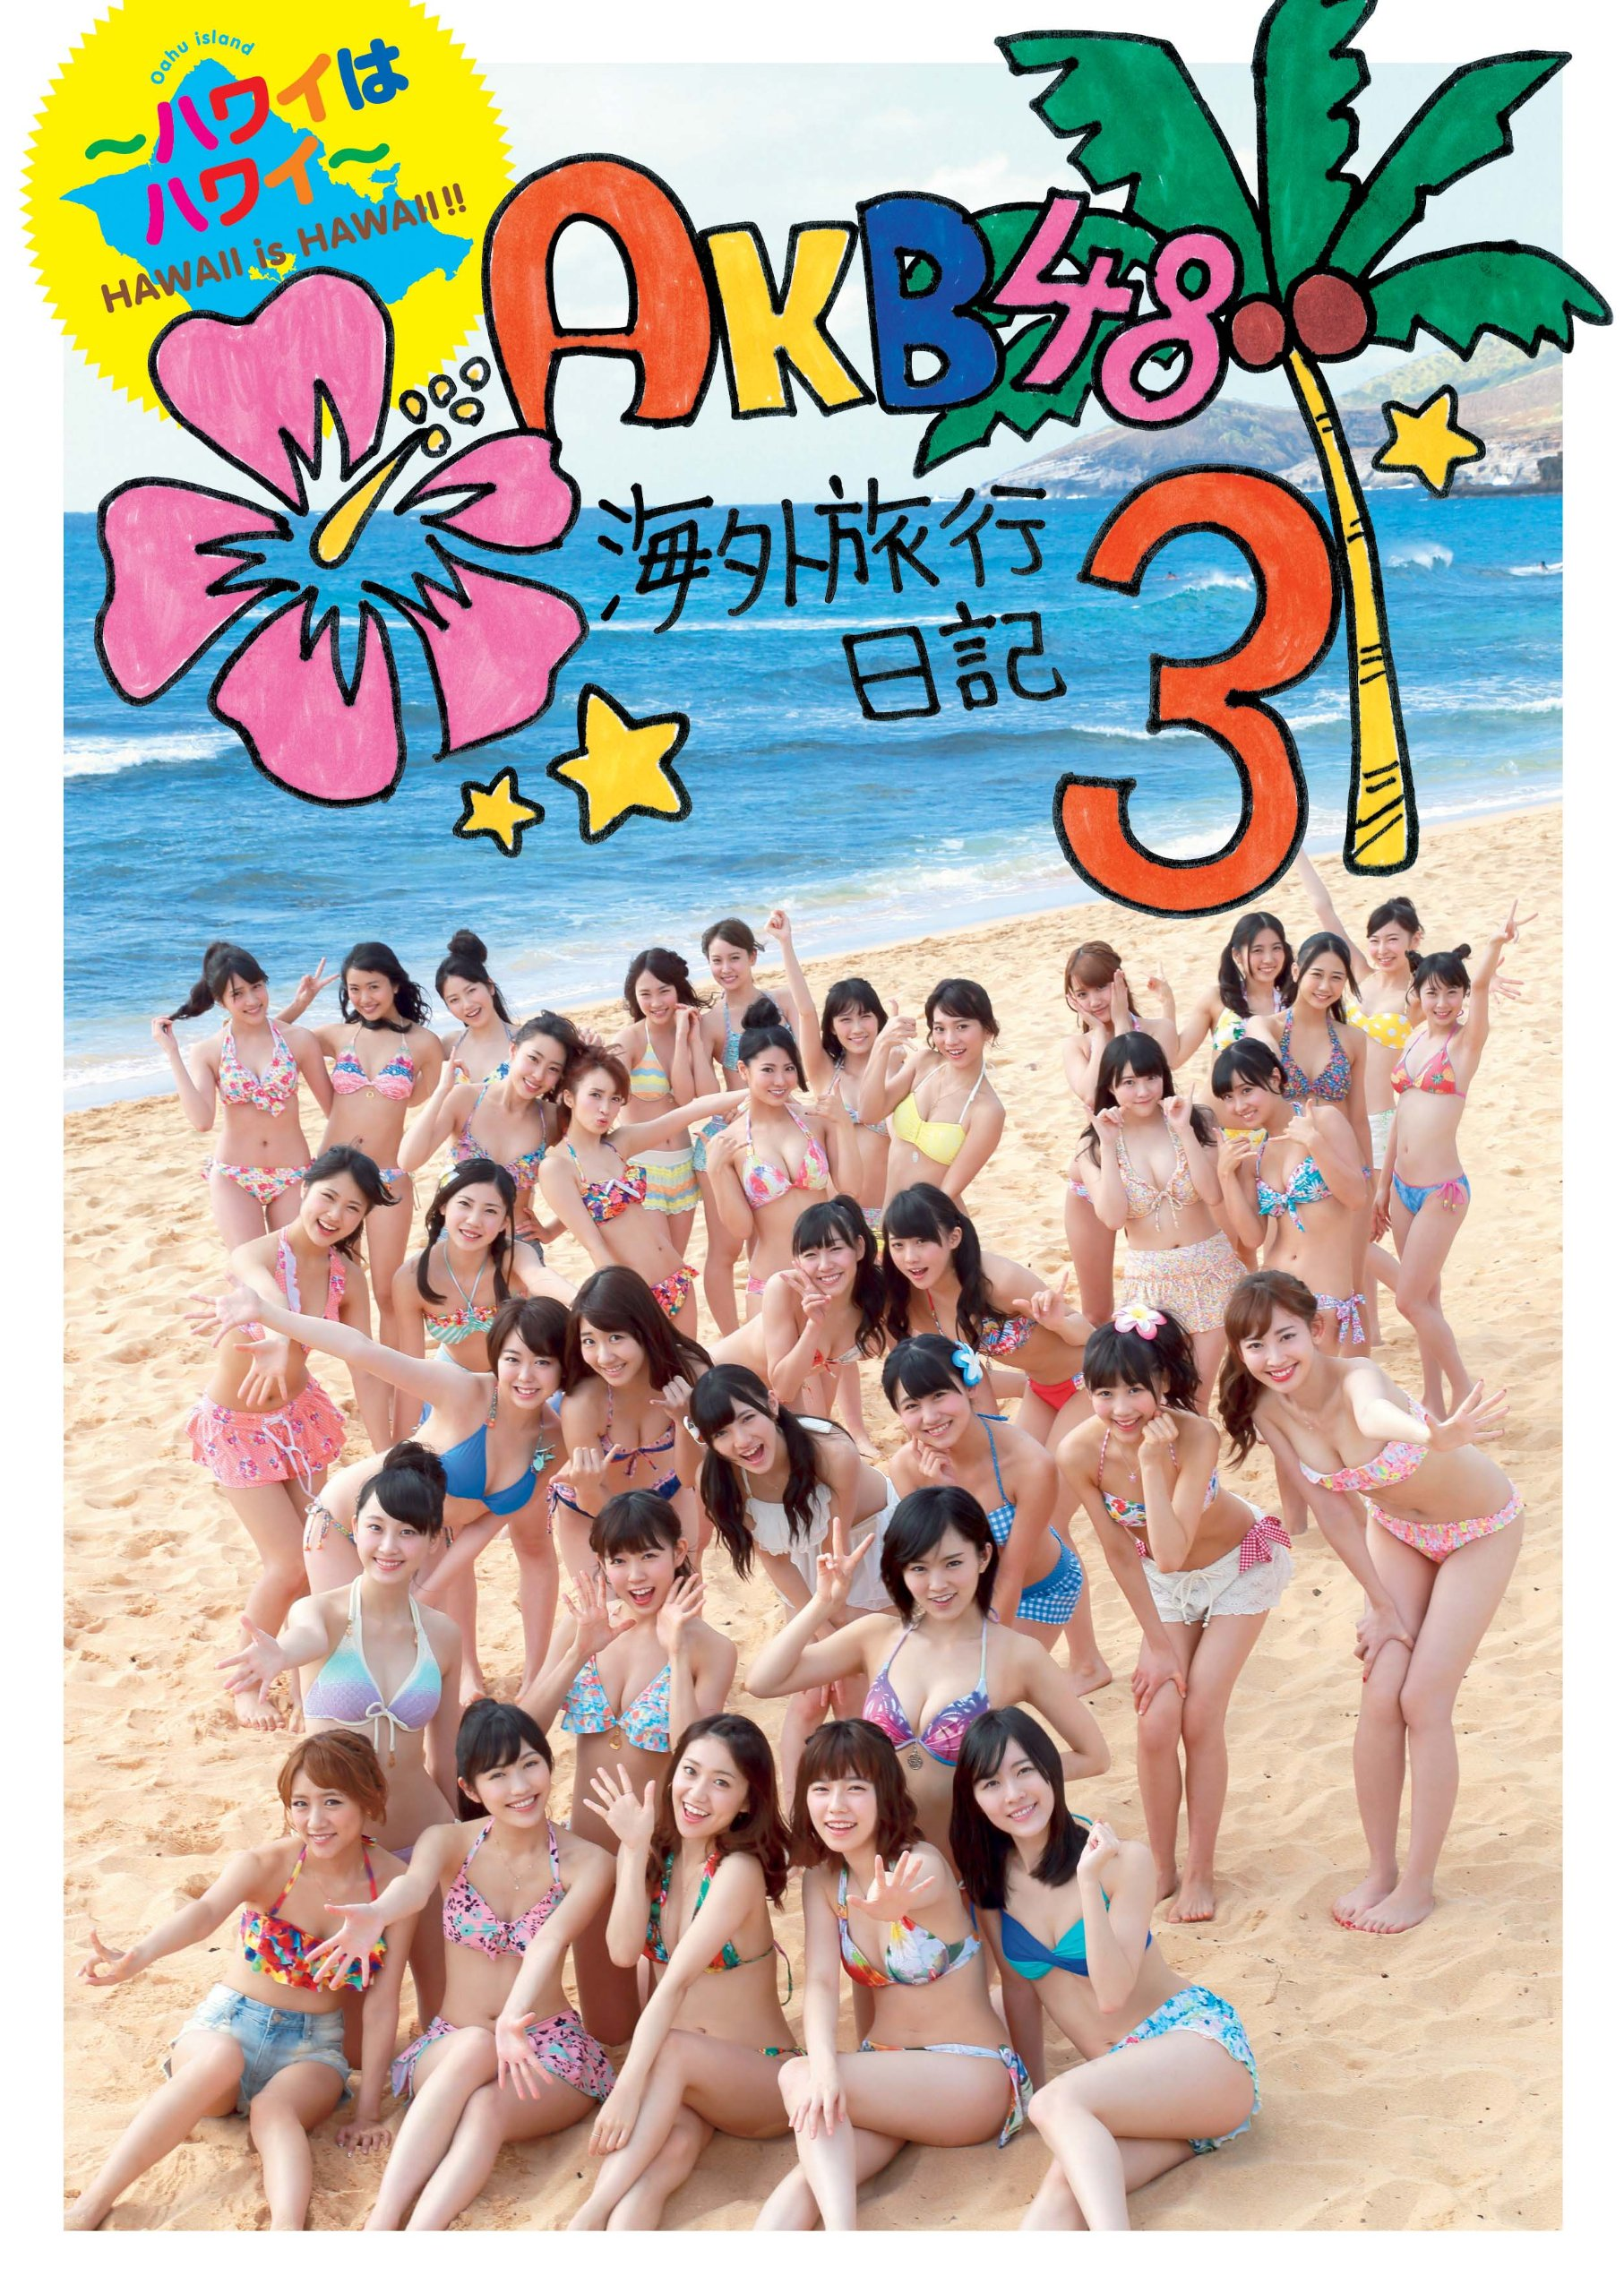 AKB48海外旅行日記3 ~ハワイはハワイ